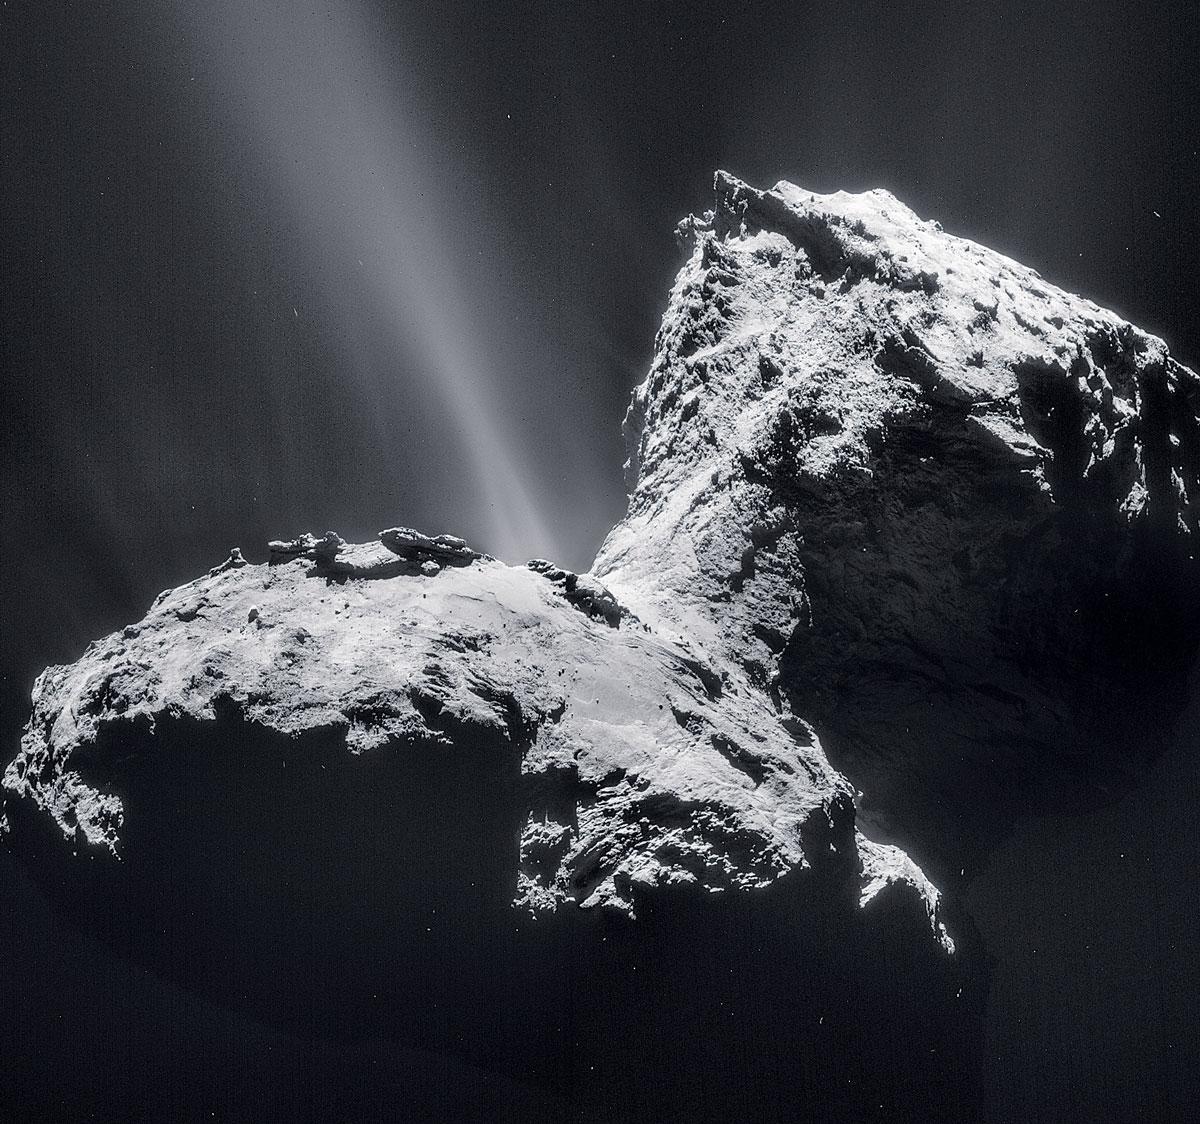 Finding comets' hidden nitrogen